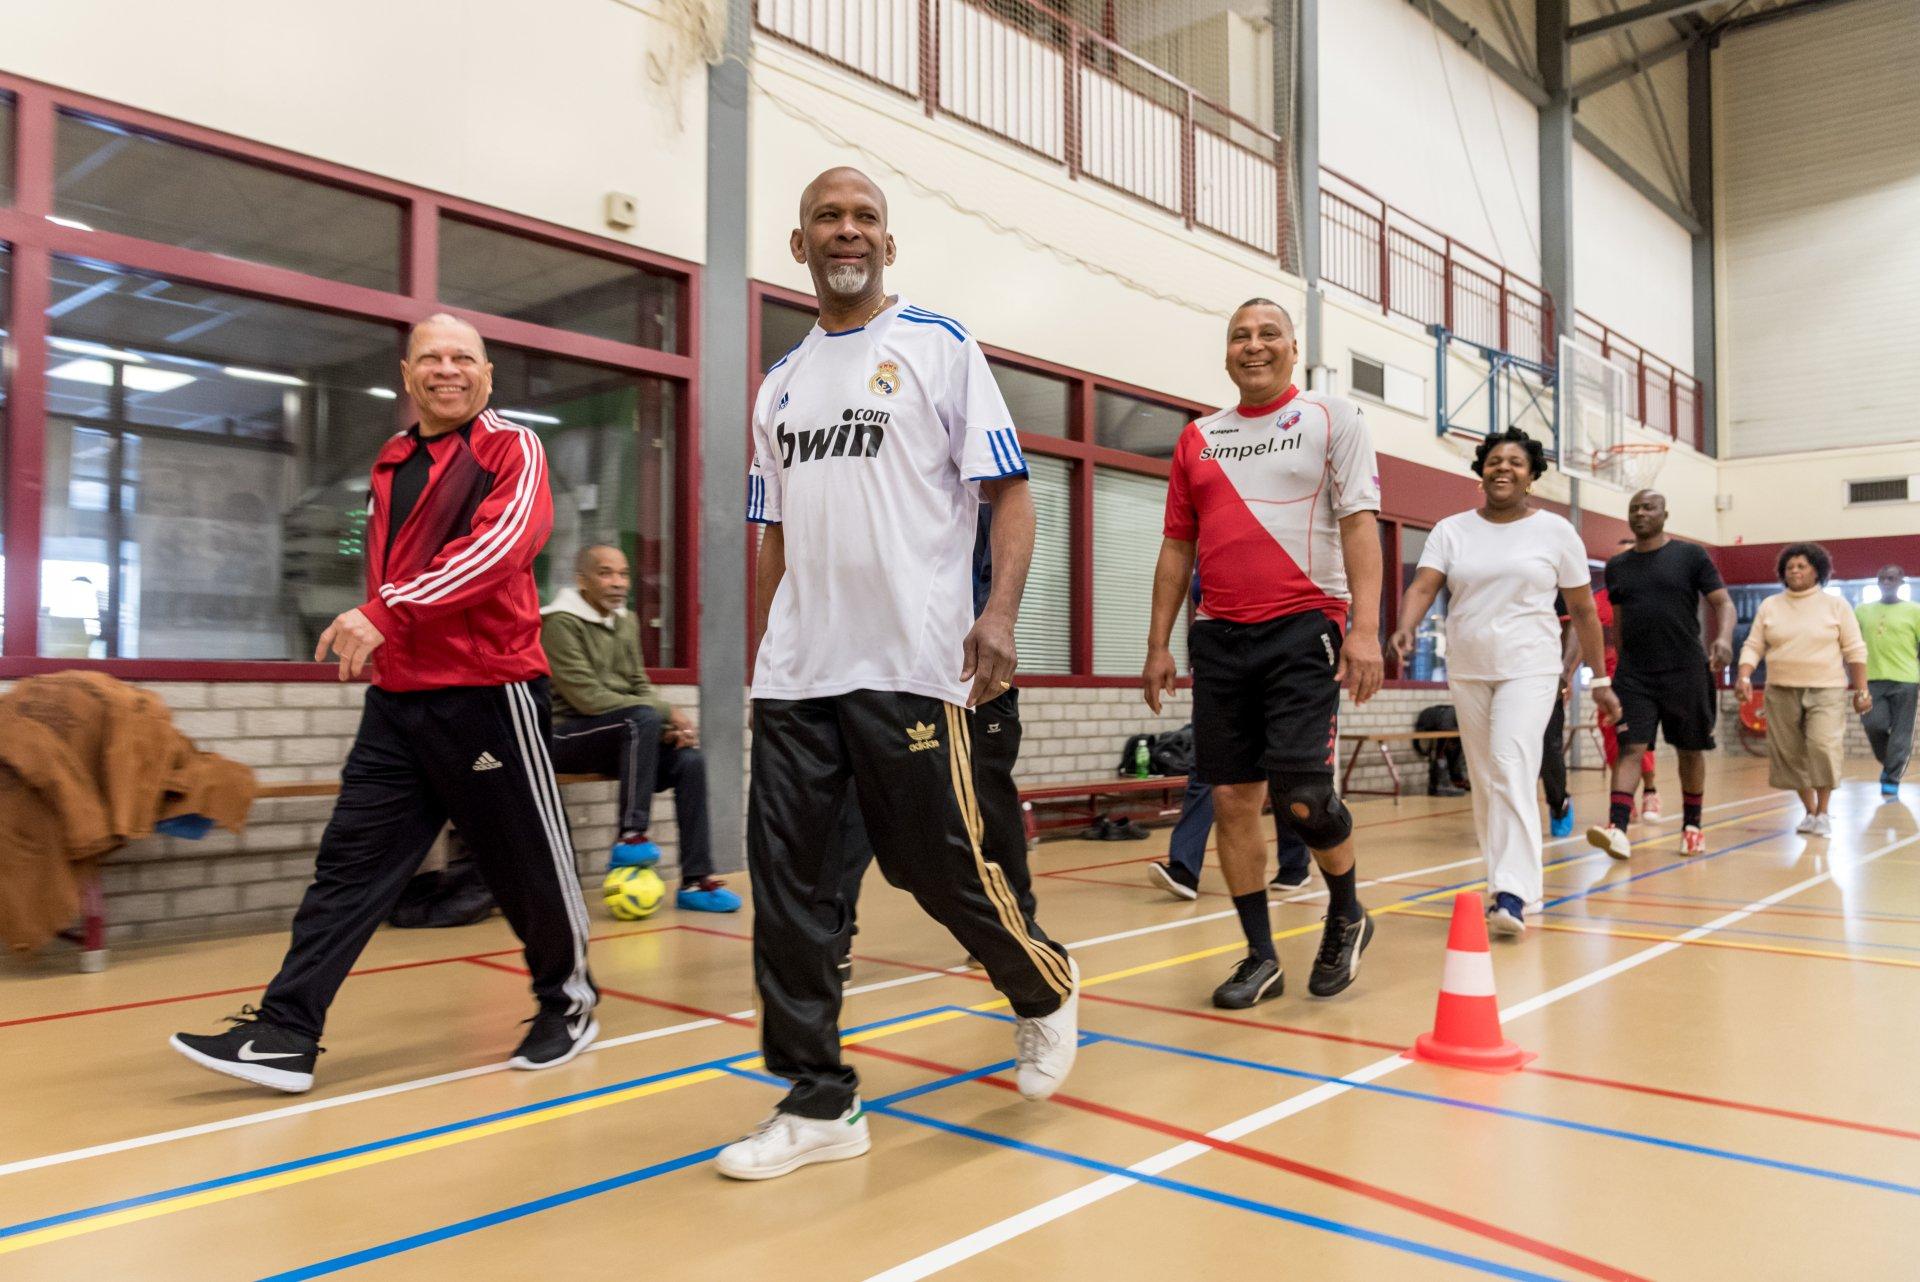 Lesgeven of sportactiviteit organiseren in Amsterdam Oost